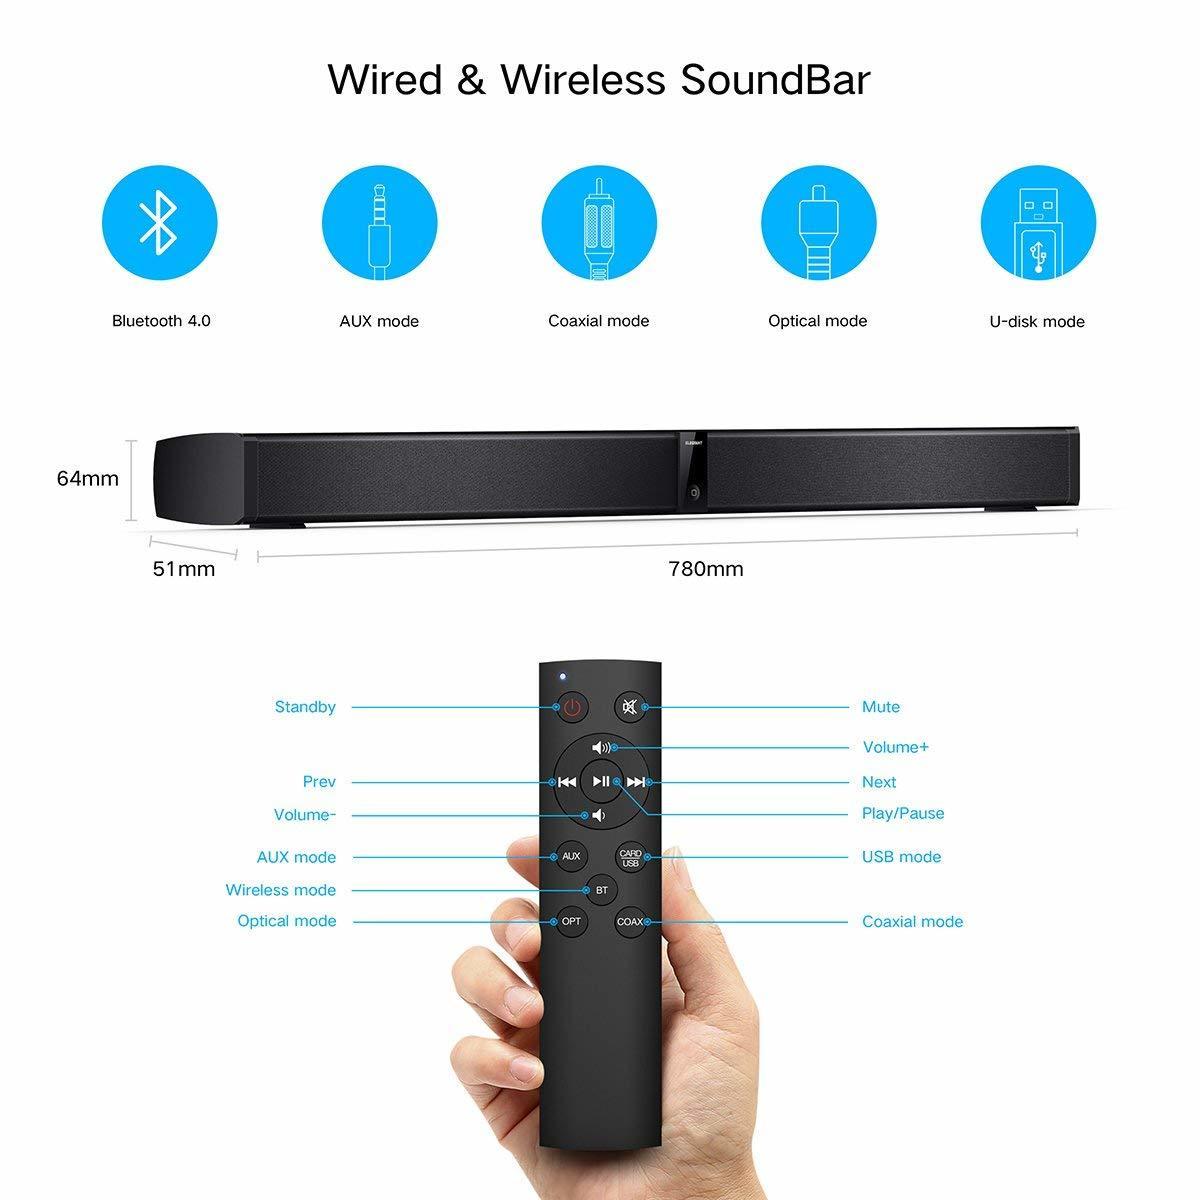 サウンドバー スピーカー ホームシアターシステム ワイヤレス フロントサラウンドシステム Bluetooth 高音質 重低音30W テレビ PC USB _画像4